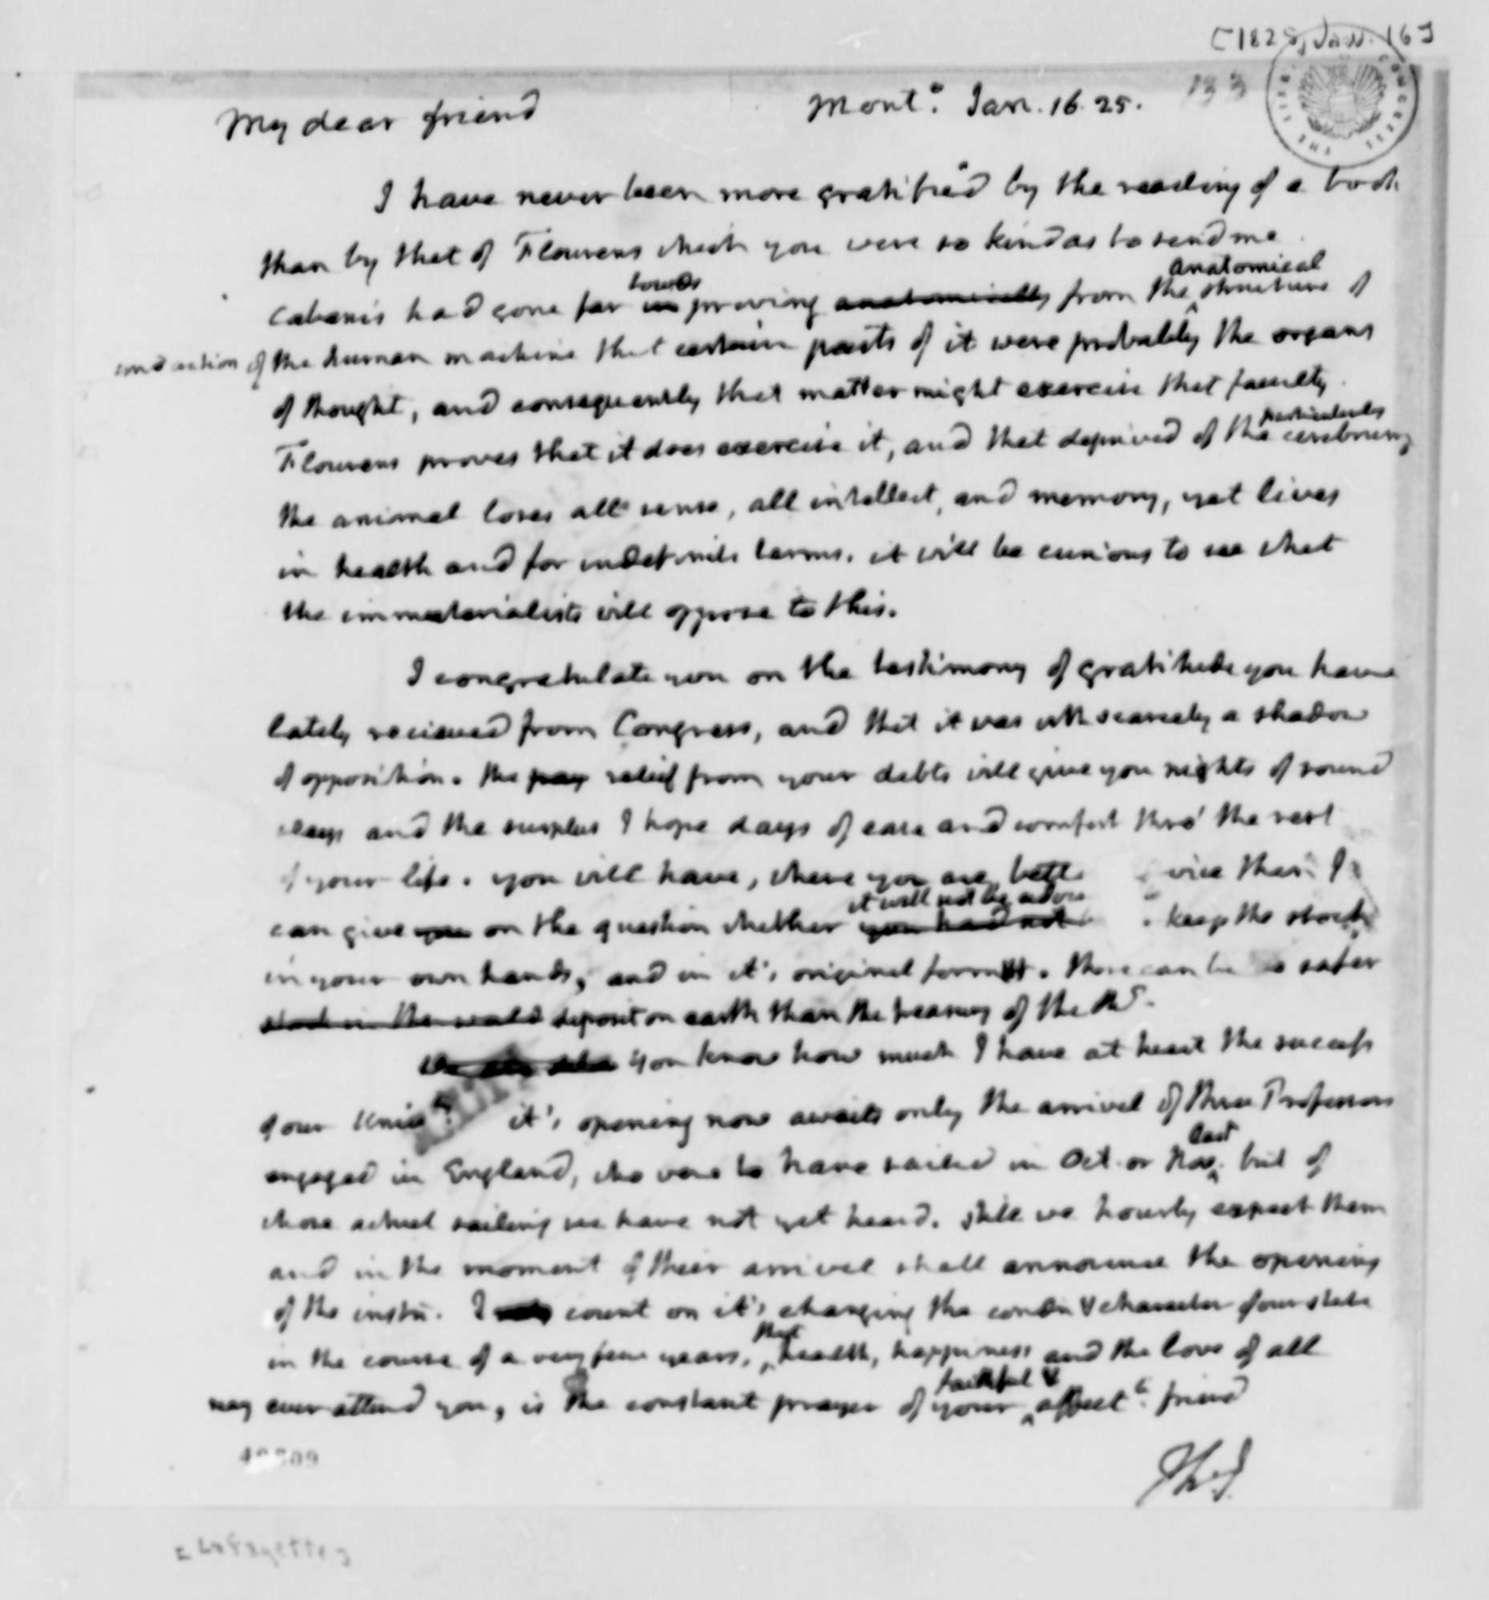 Thomas Jefferson to Marie Joseph Paul Yves Roch Gilbert du Motier, Marquis de Lafayette, January 16, 1825